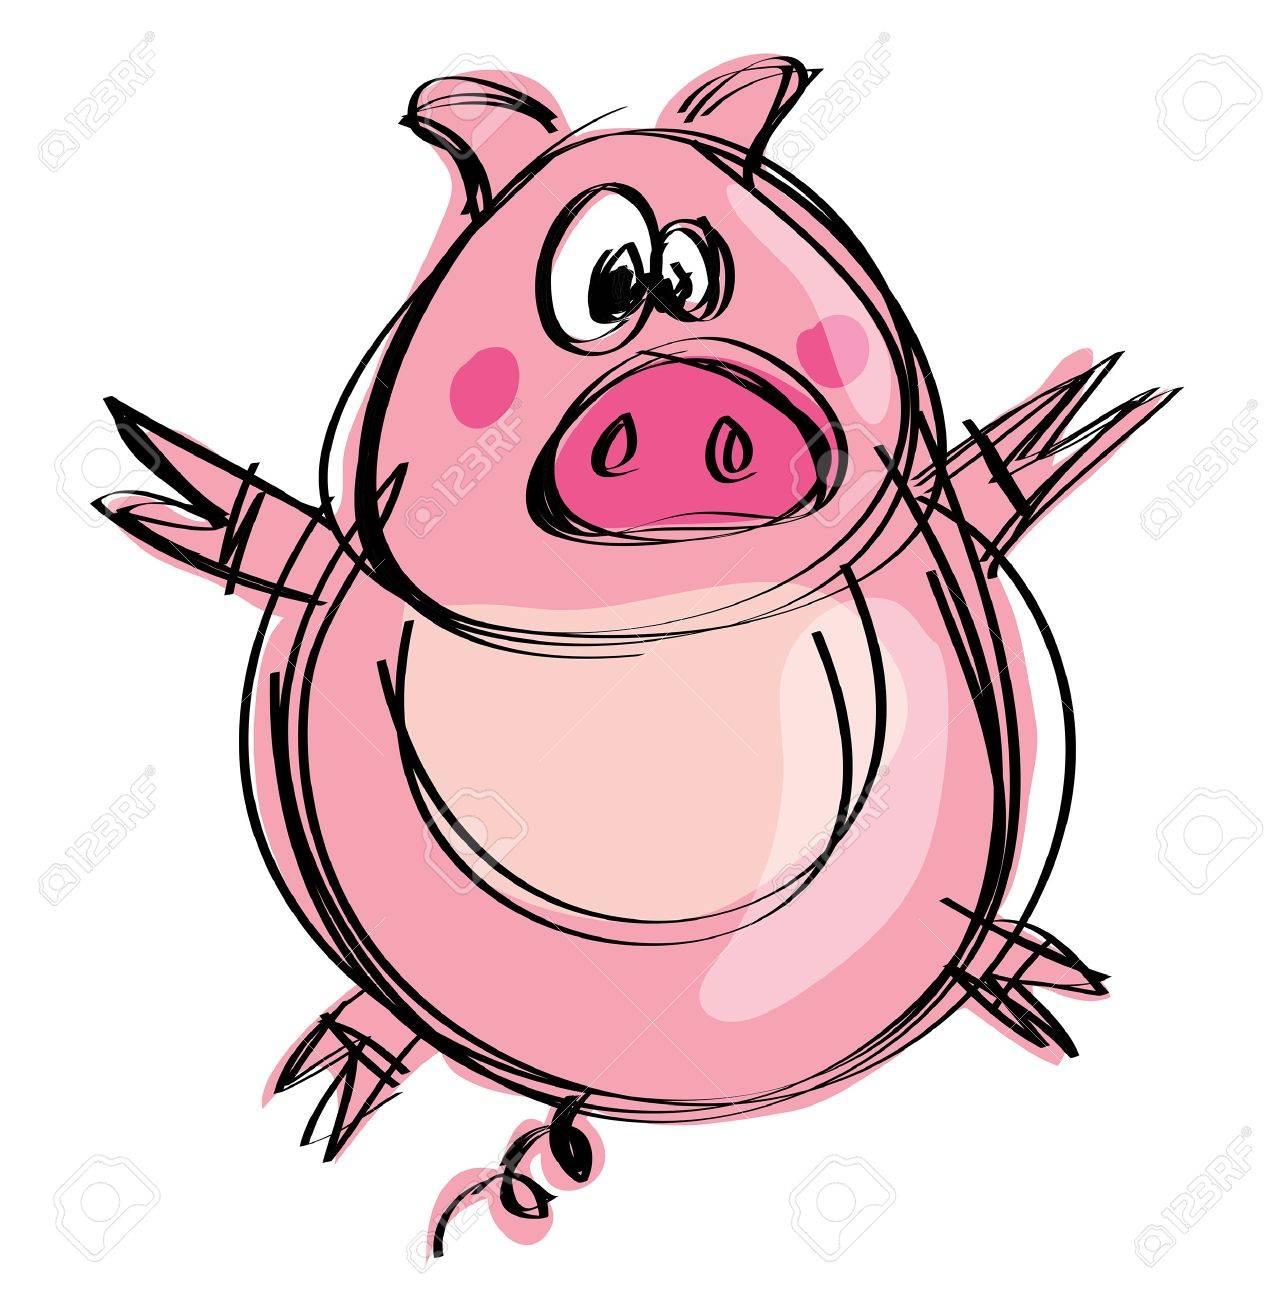 Cartoon Funny Naif Baby Pig In A Naif Childish Drawing Style Royalty Free Cliparts Vectors And Stock Illustration Image 20561041